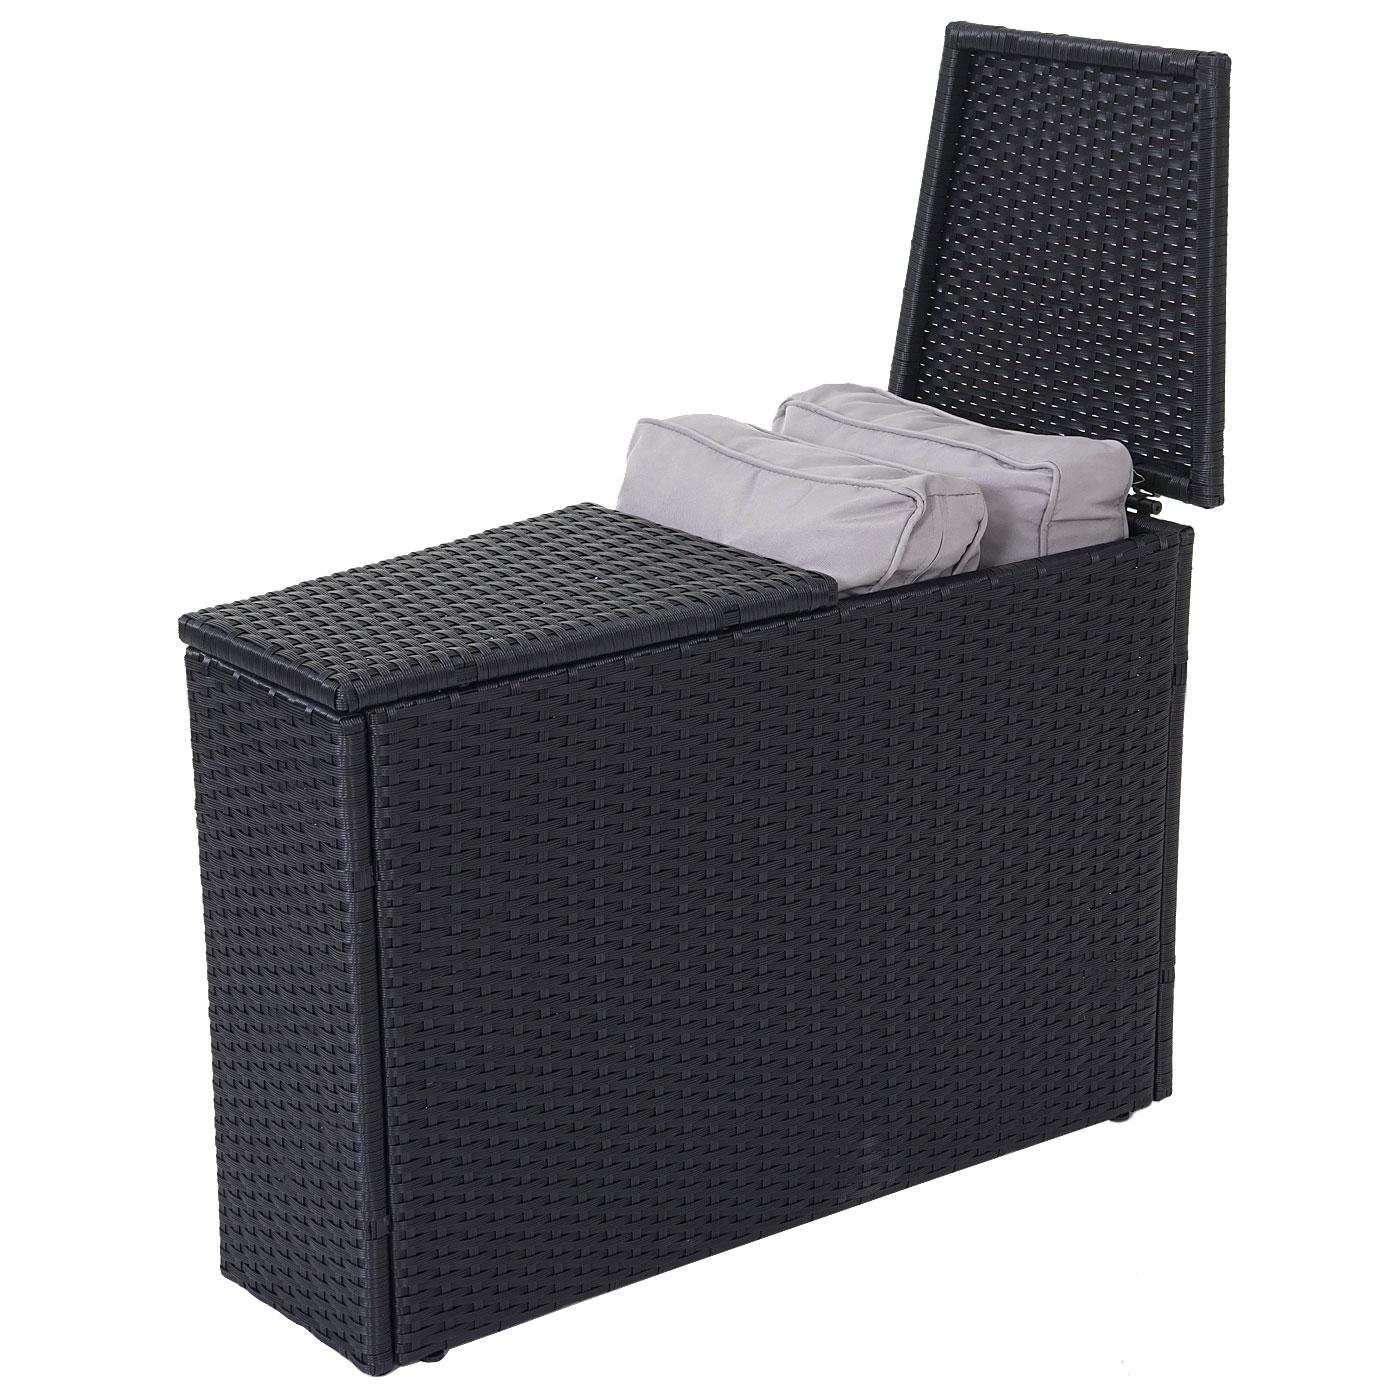 luxus poly rattan garnitur savoie sitzgruppe lounge set xxl rund anthrazit kissen grau. Black Bedroom Furniture Sets. Home Design Ideas